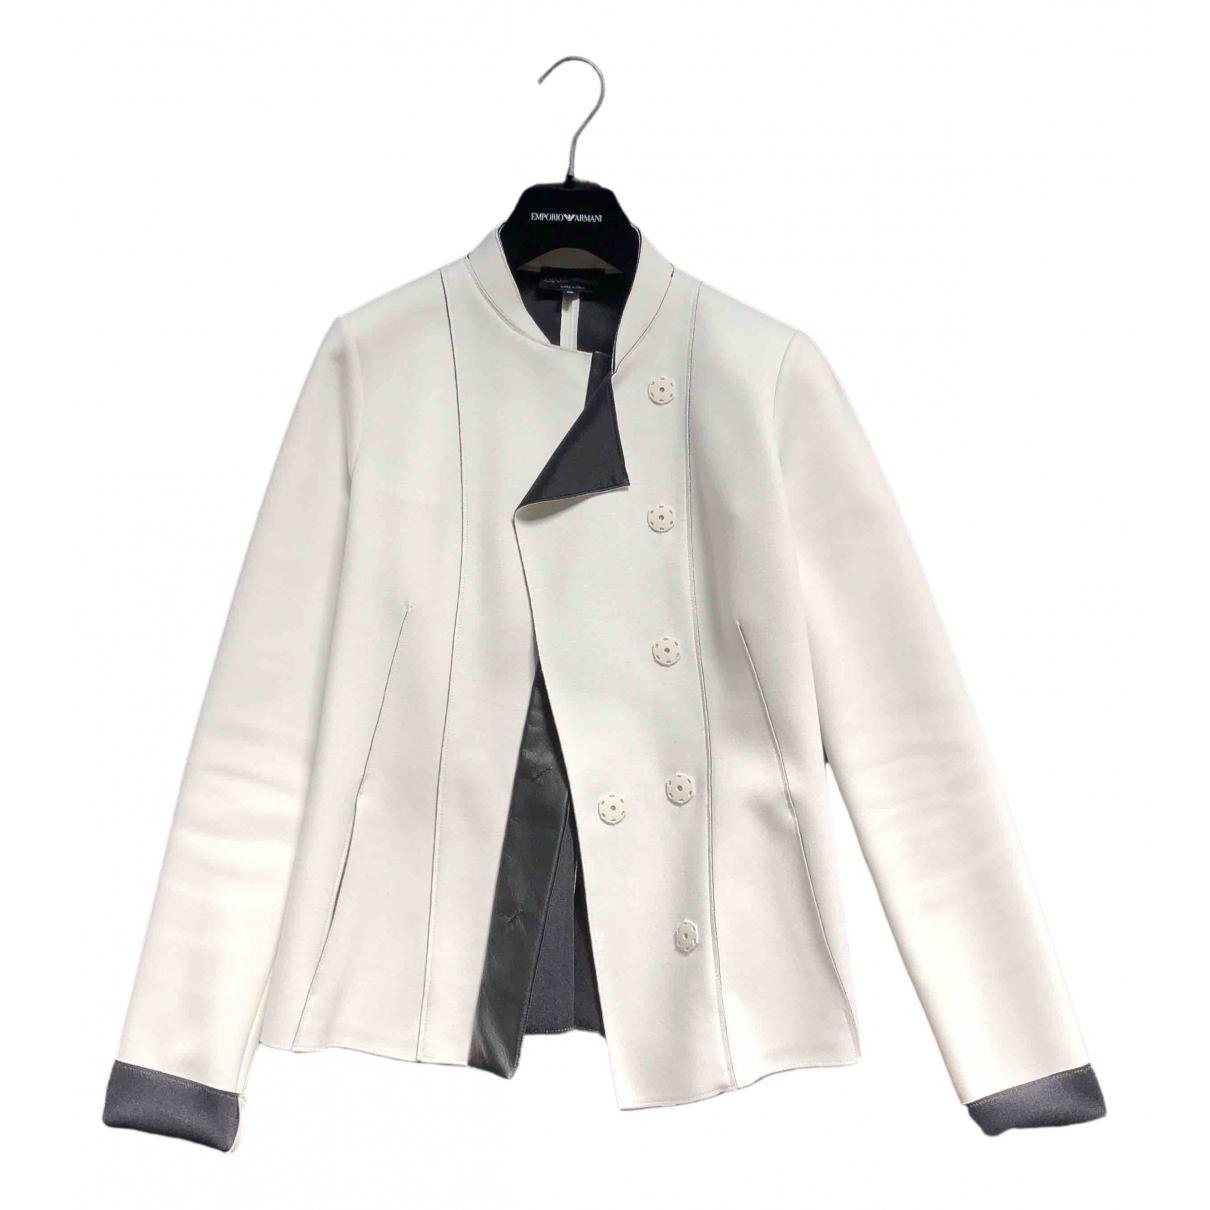 Emporio Armani \N White jacket for Women 36 IT